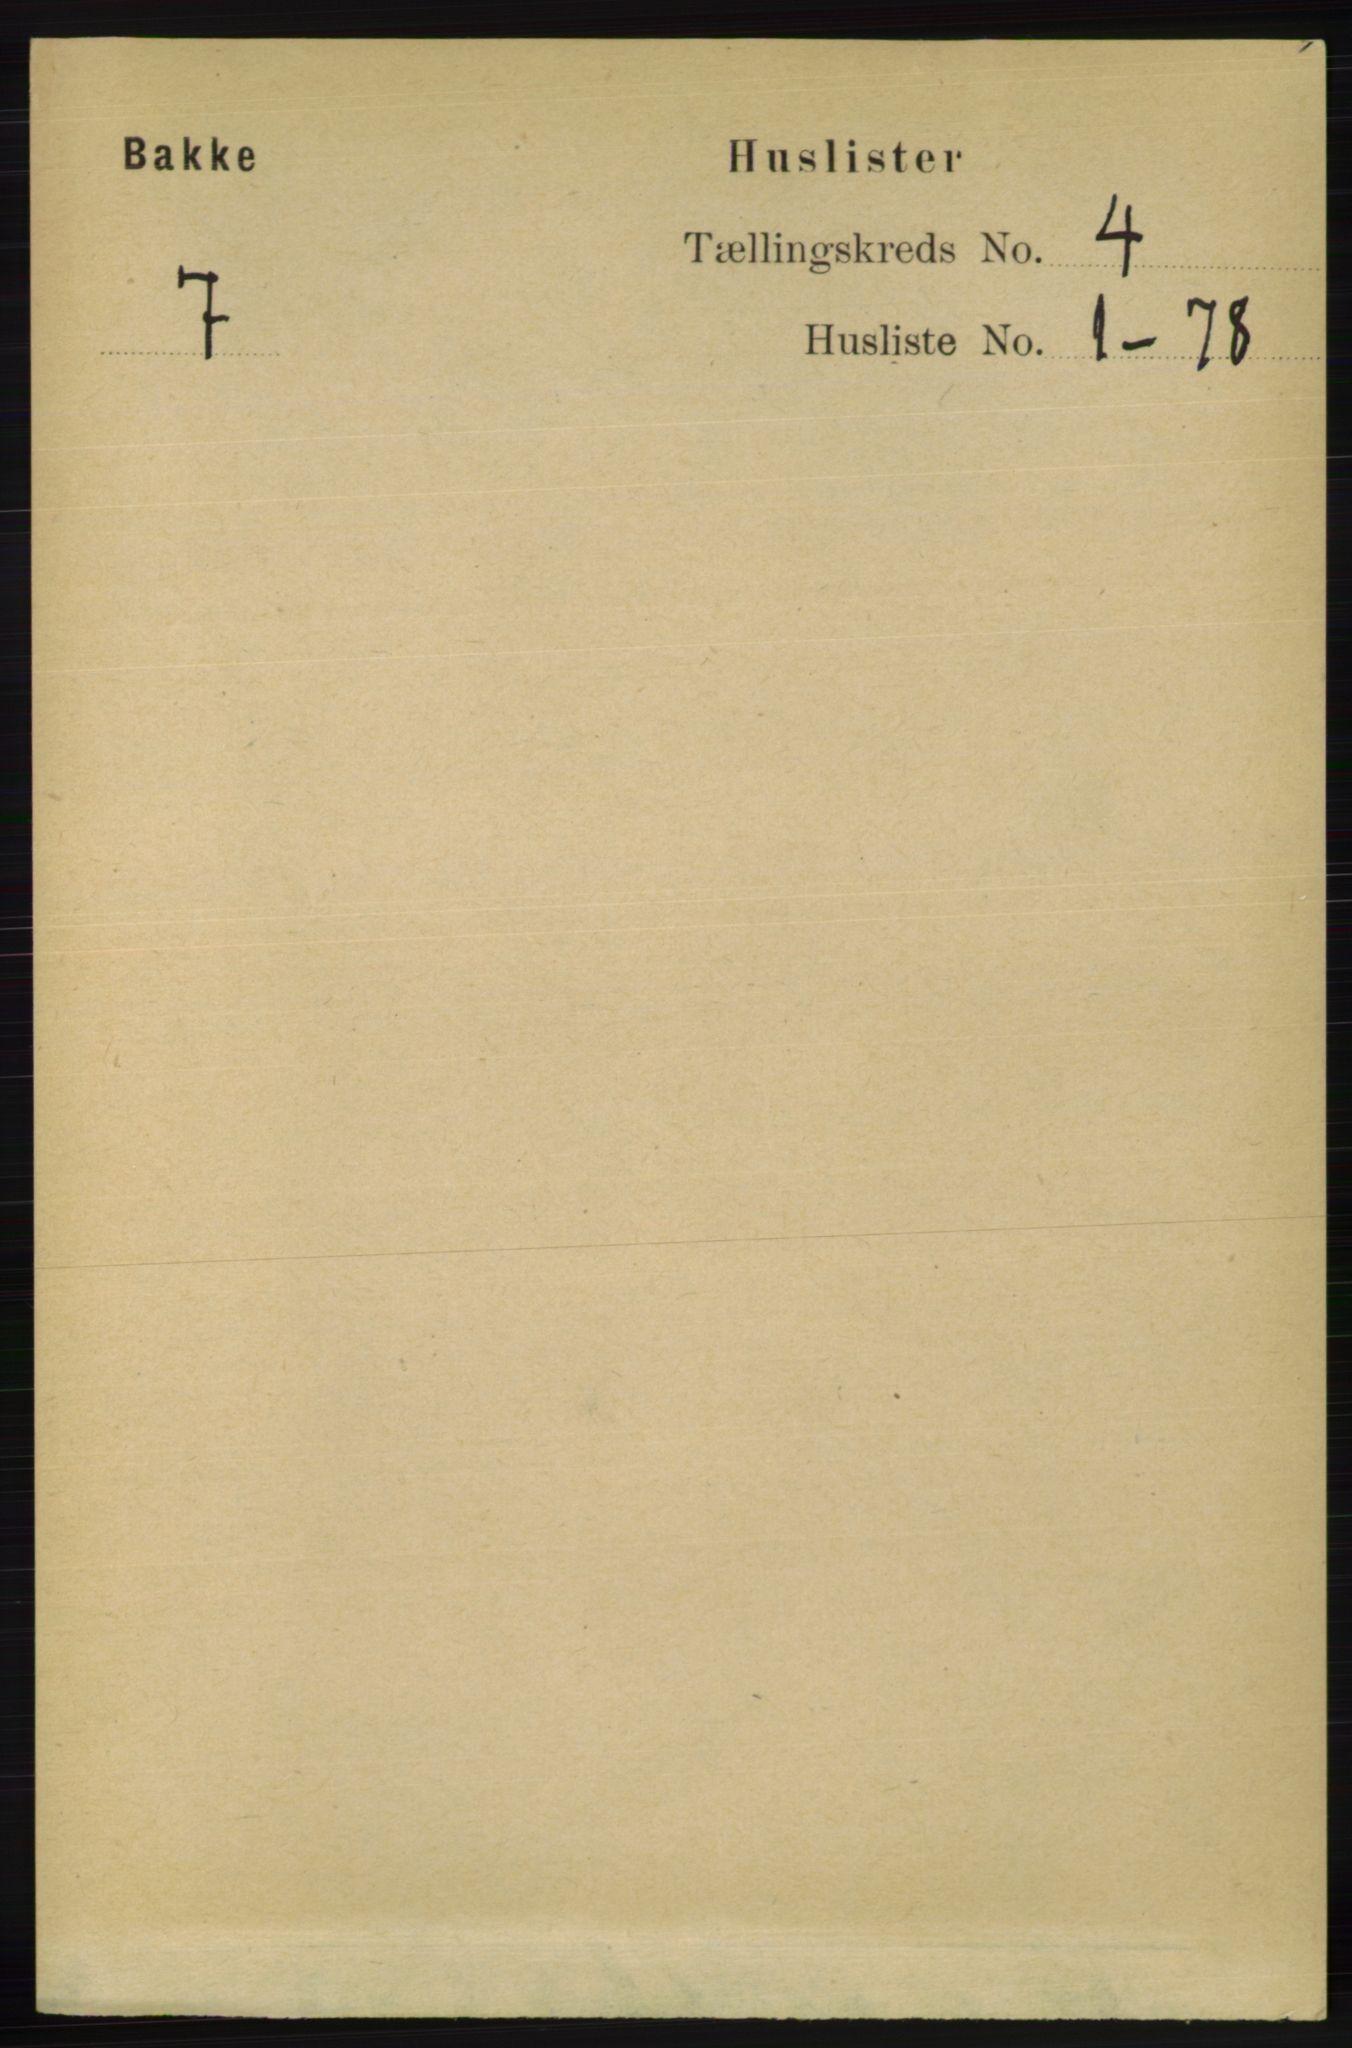 RA, Folketelling 1891 for 1045 Bakke herred, 1891, s. 543